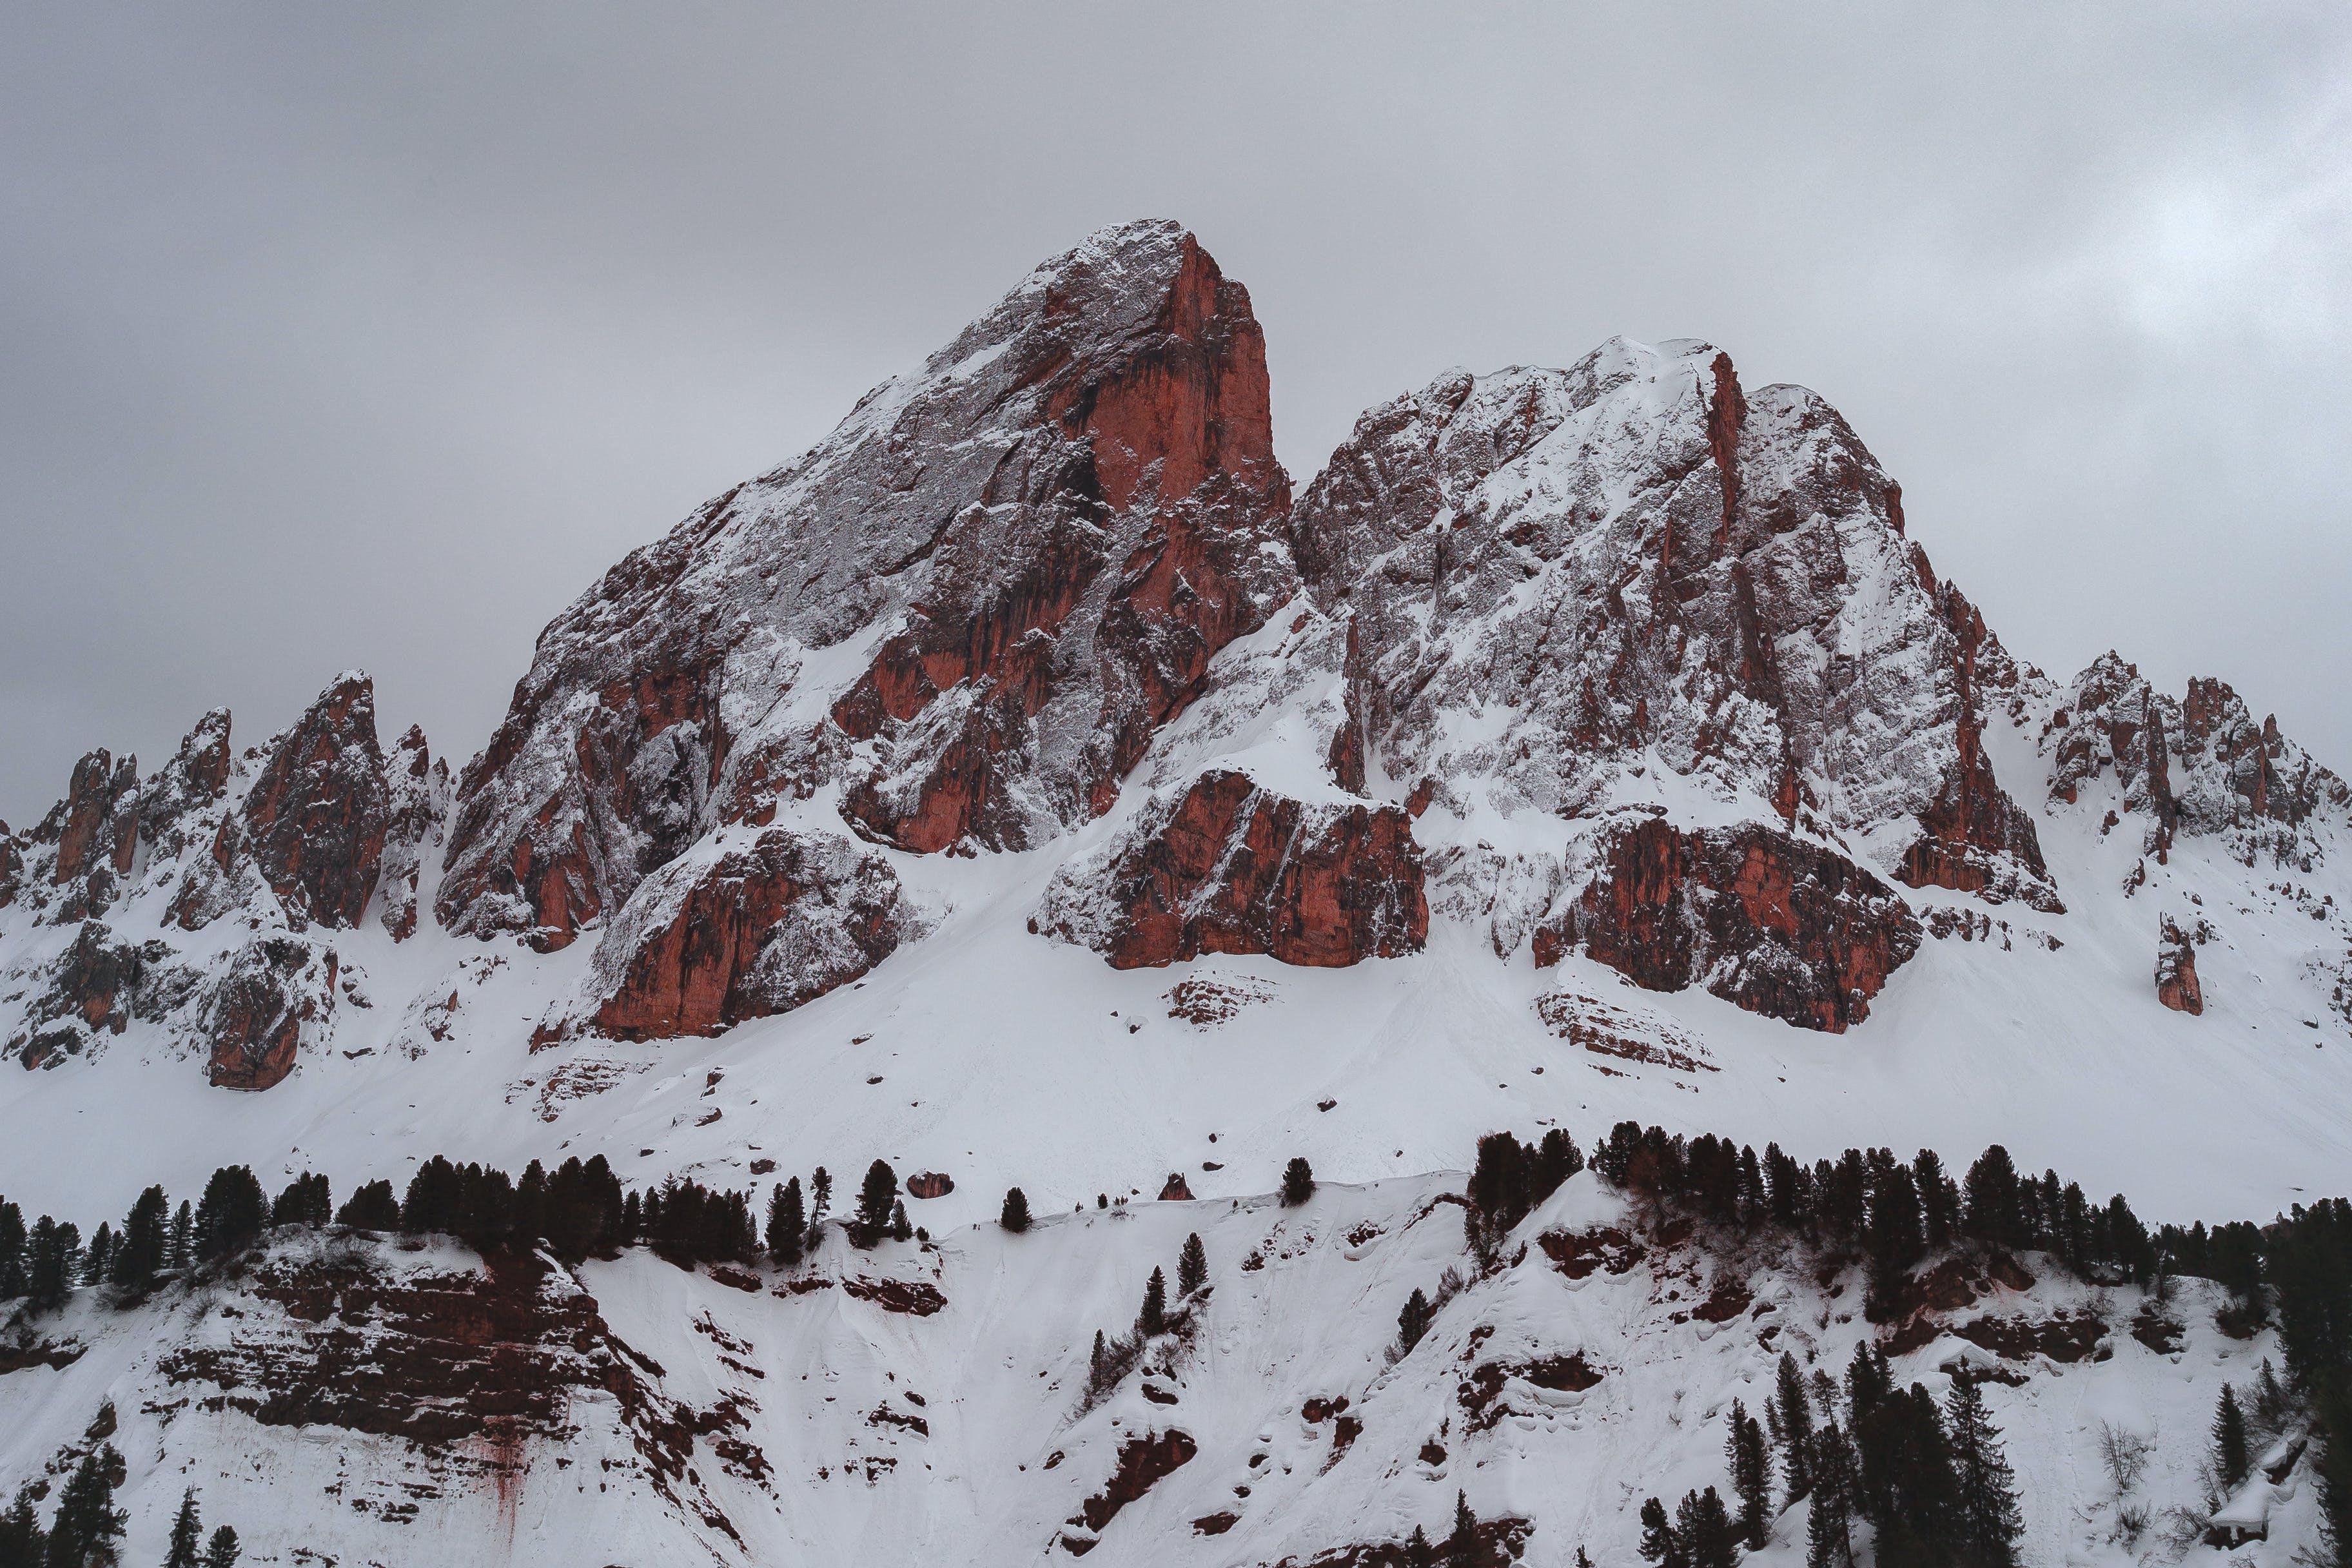 Δωρεάν στοκ φωτογραφιών με βουνό, βουνοκορφή, βράχια, βραχώδες βουνό